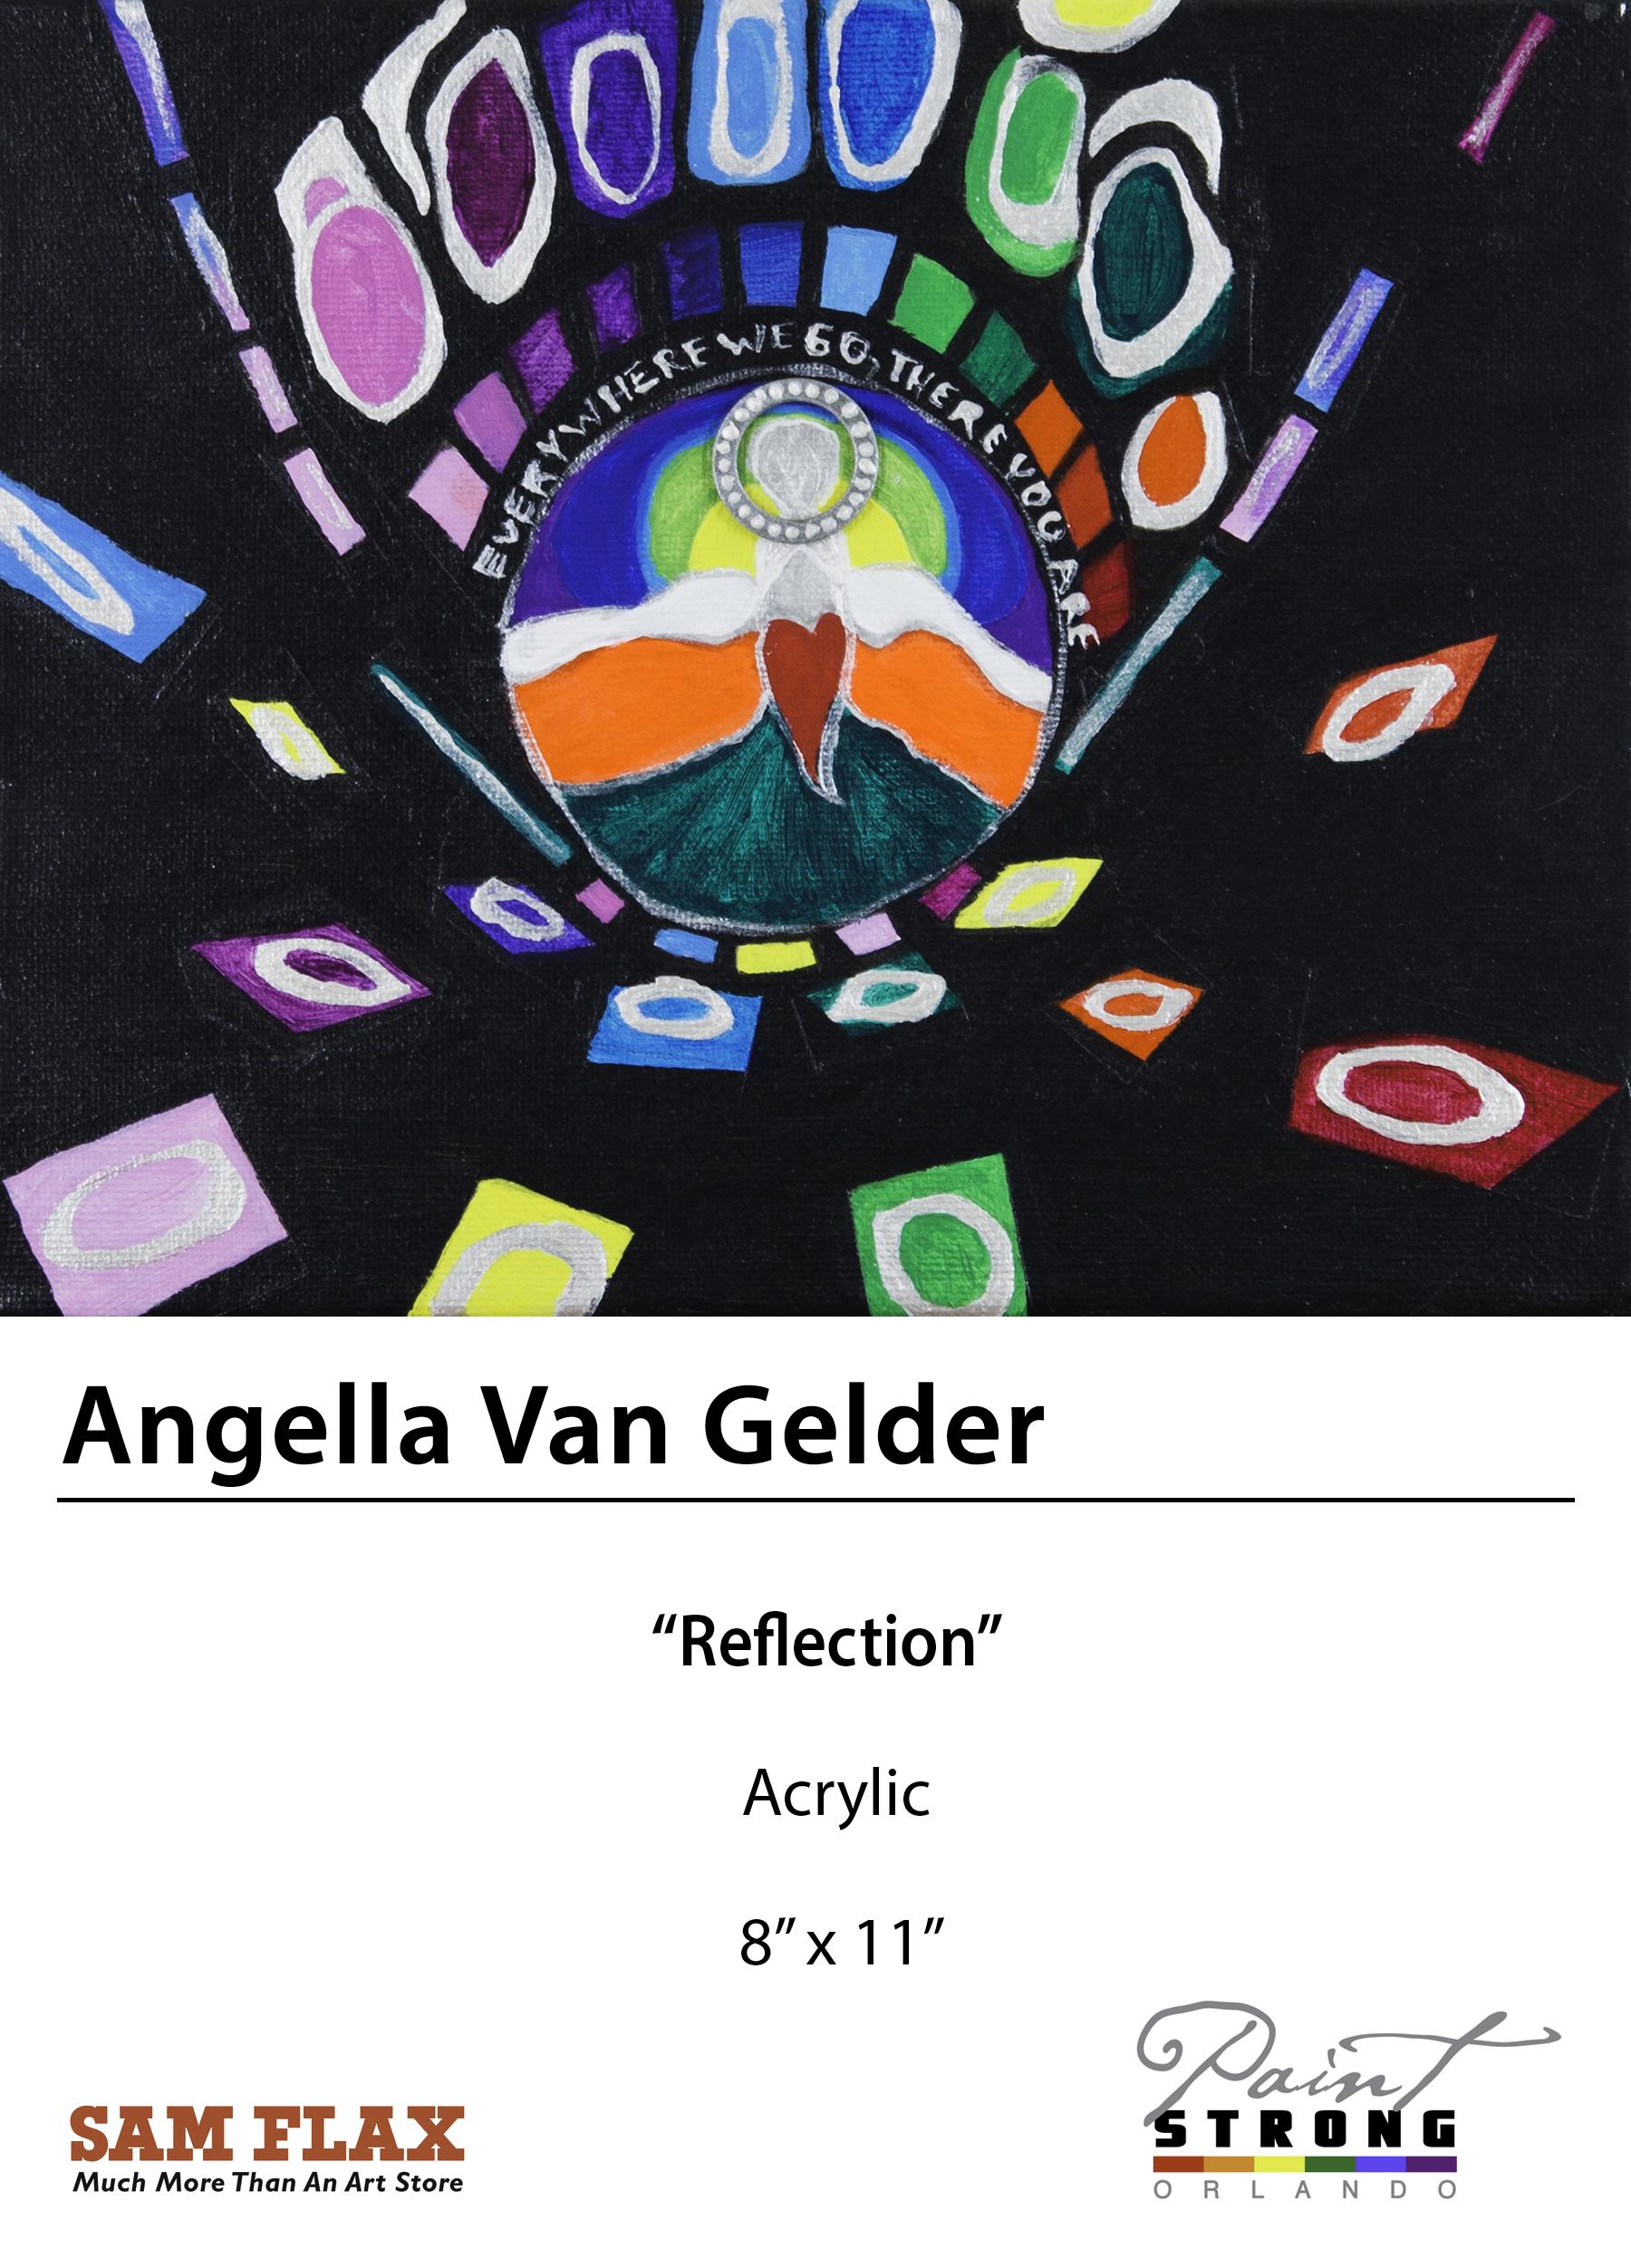 Angella Gelder